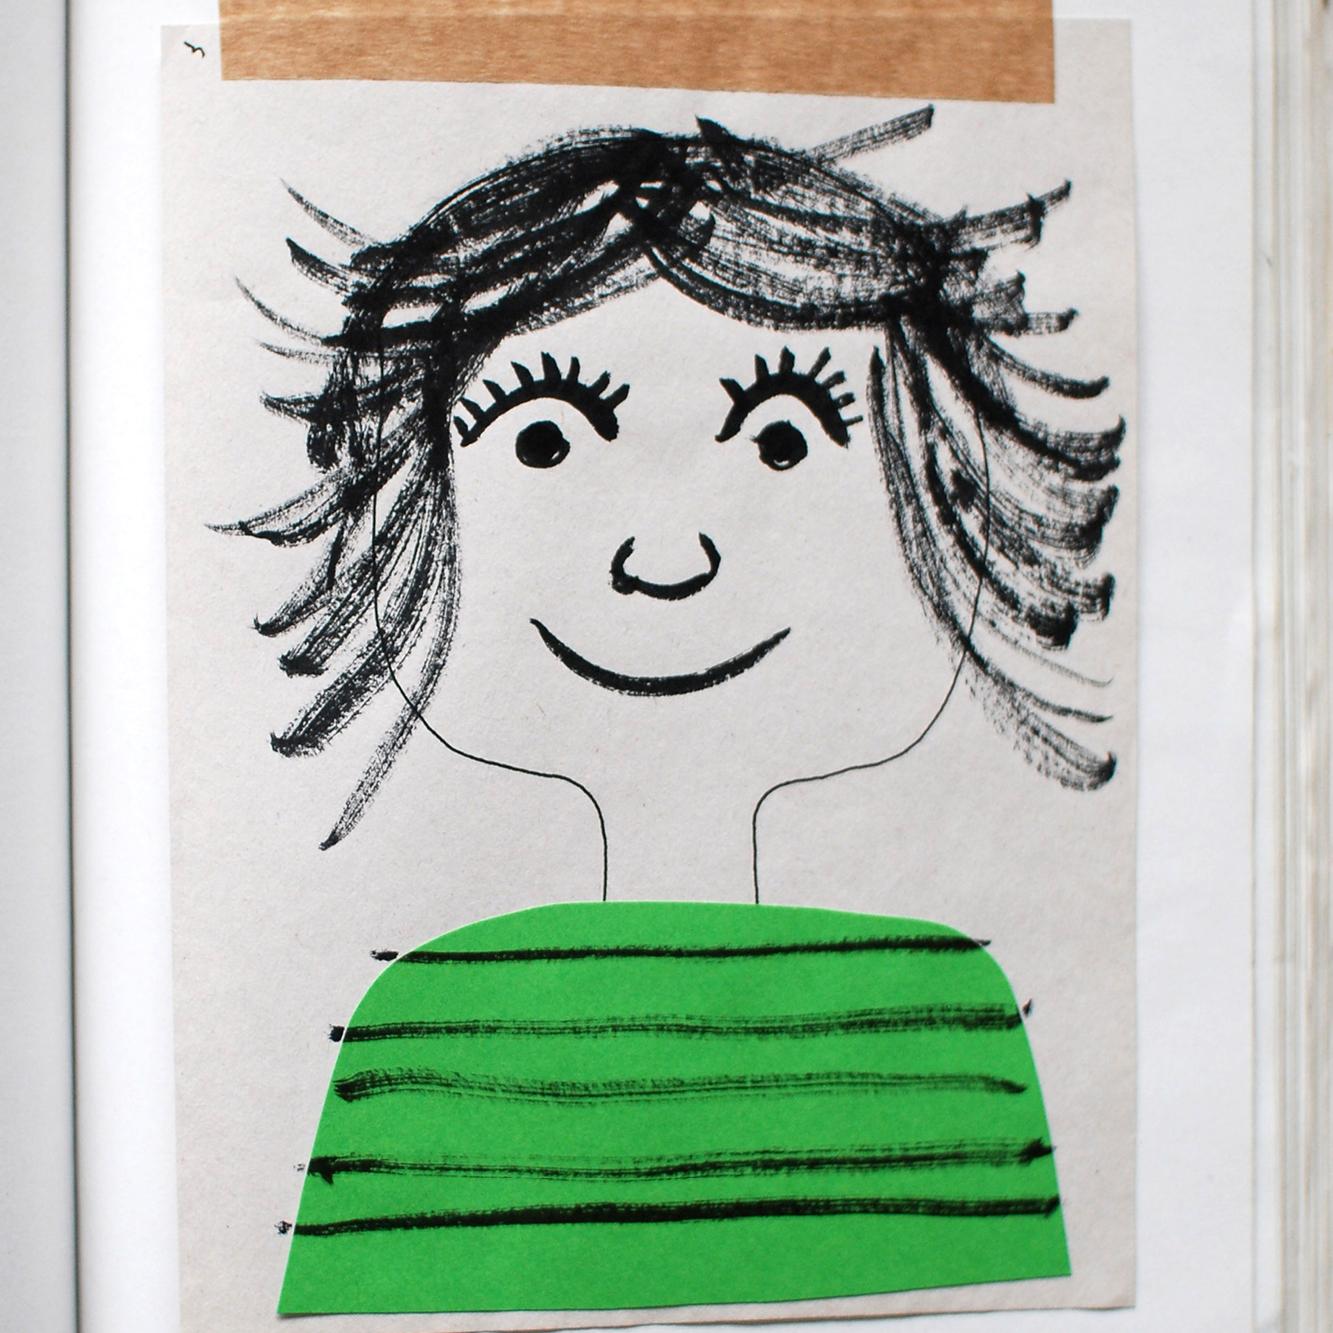 Sketchbook-1000x1000117.jpg